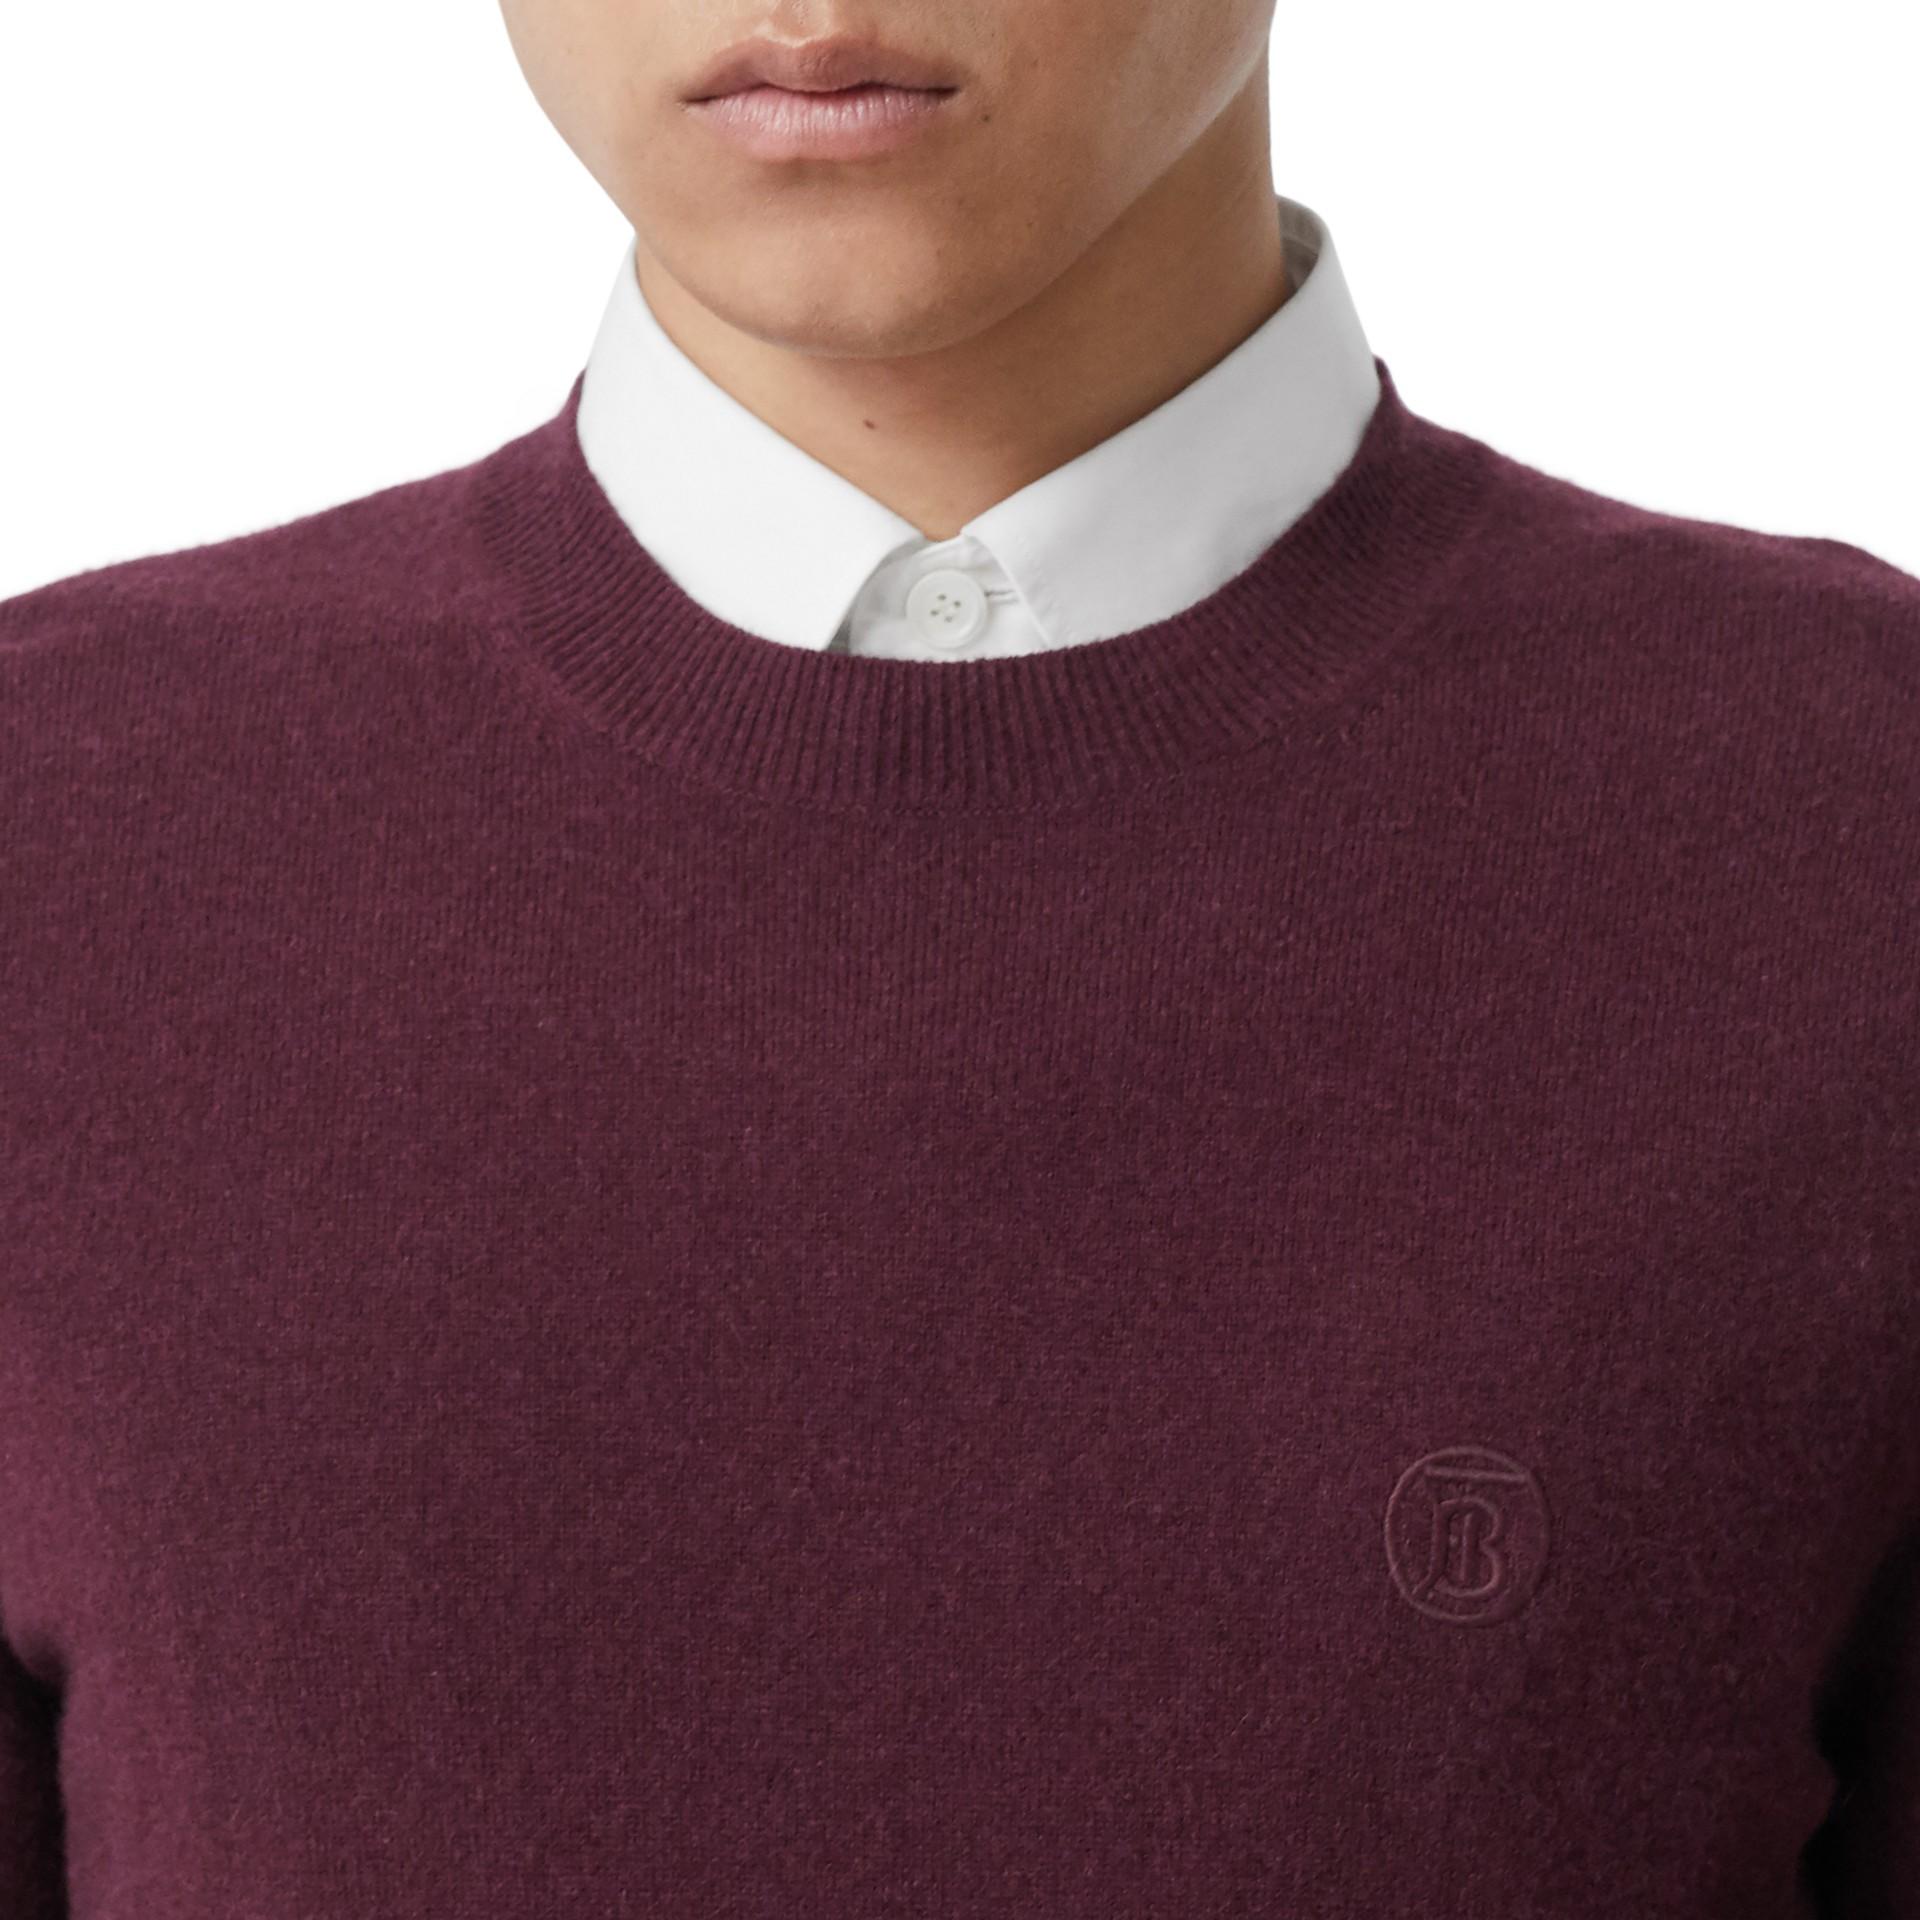 모노그램 모티프 캐시미어 스웨터 (버건디) - 남성 | Burberry - 갤러리 이미지 1